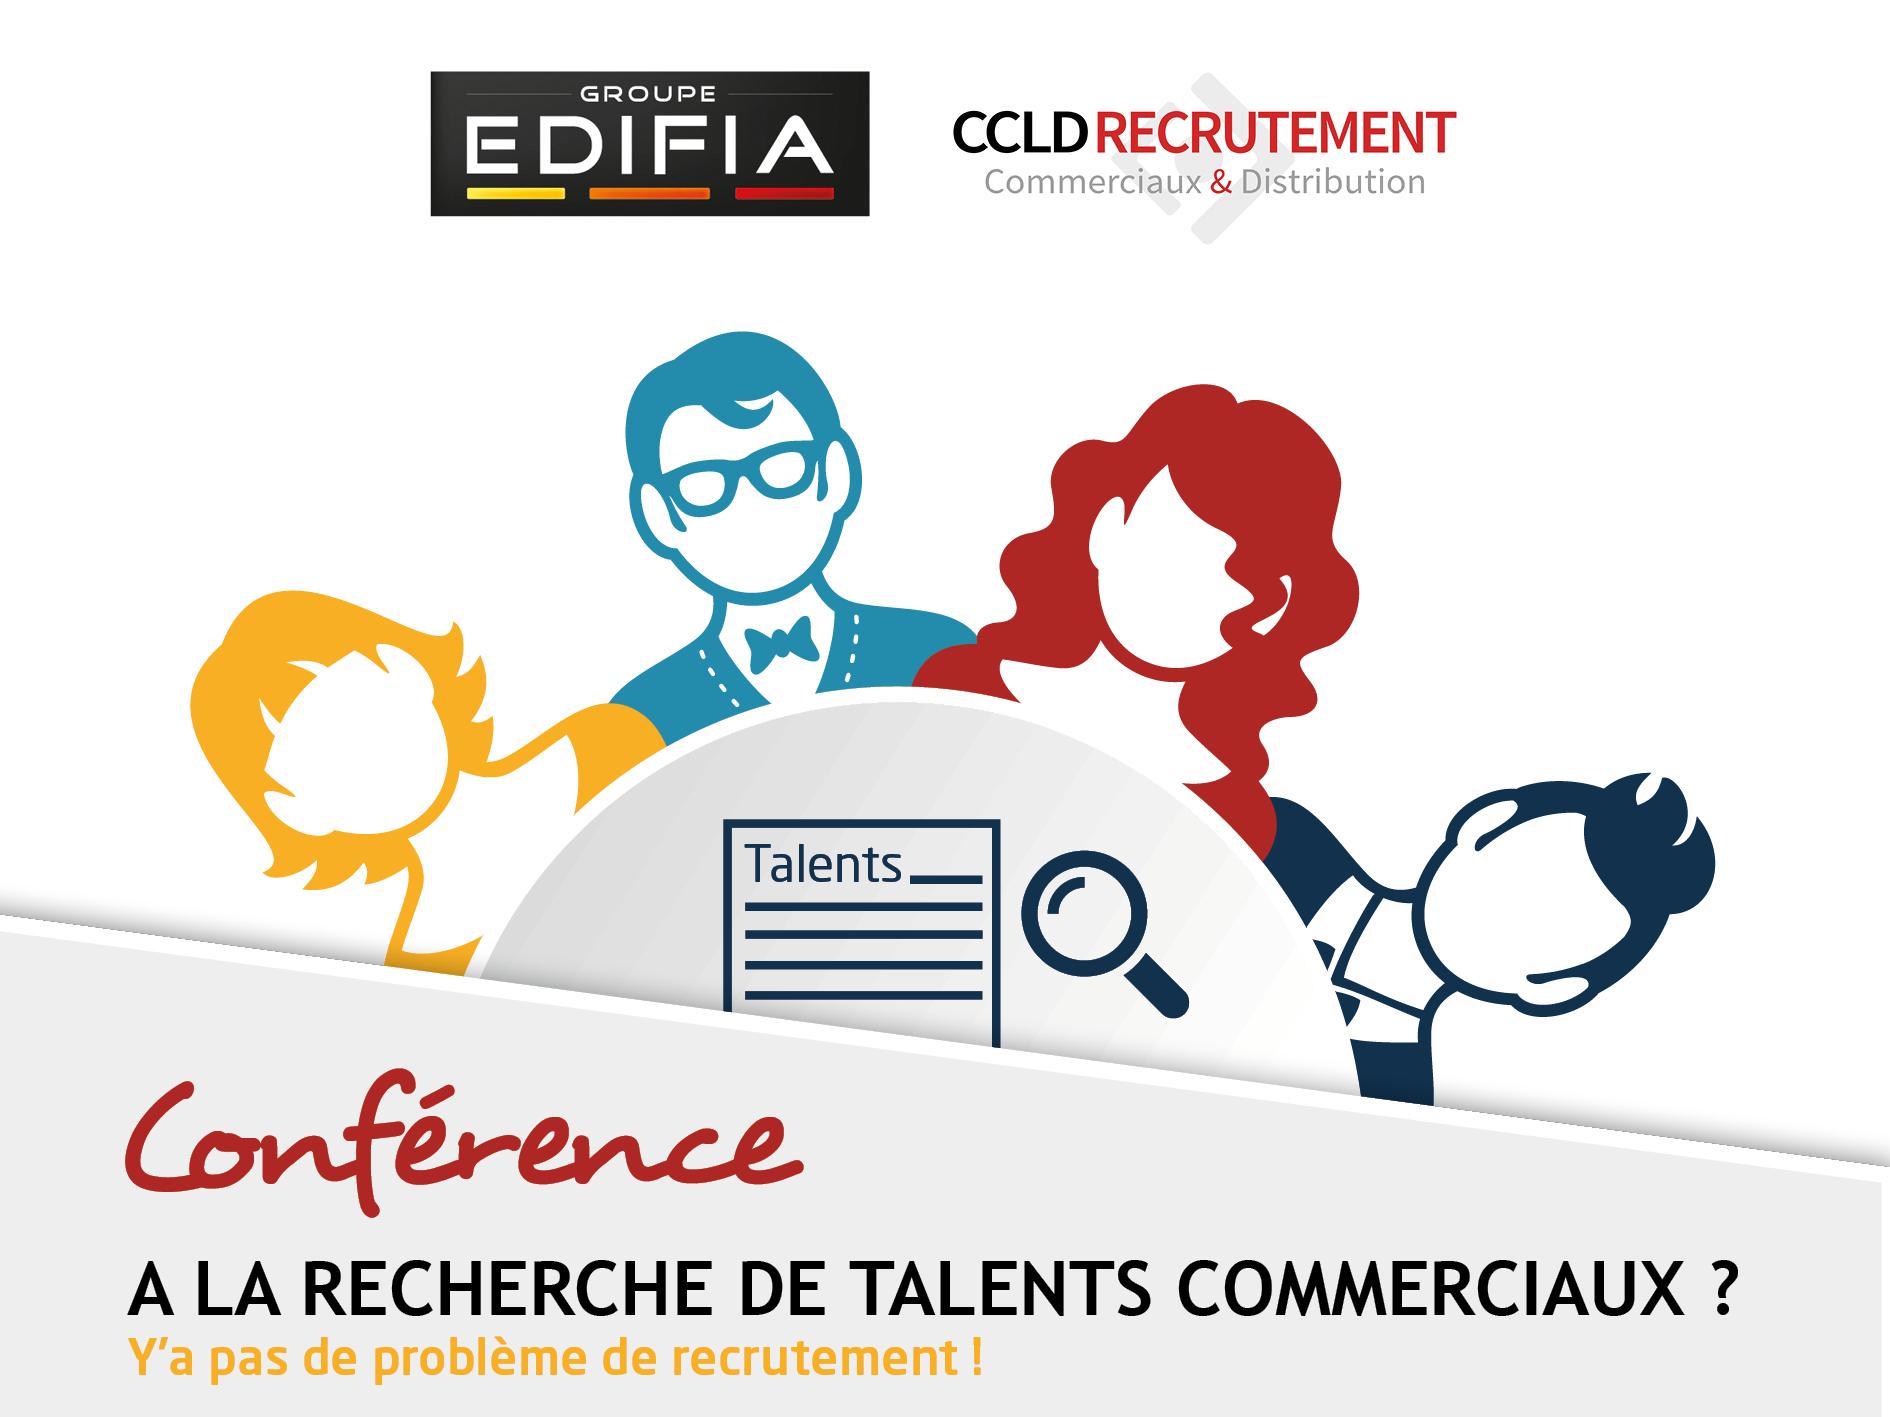 Conférence : à la recherche de talents commerciaux ?